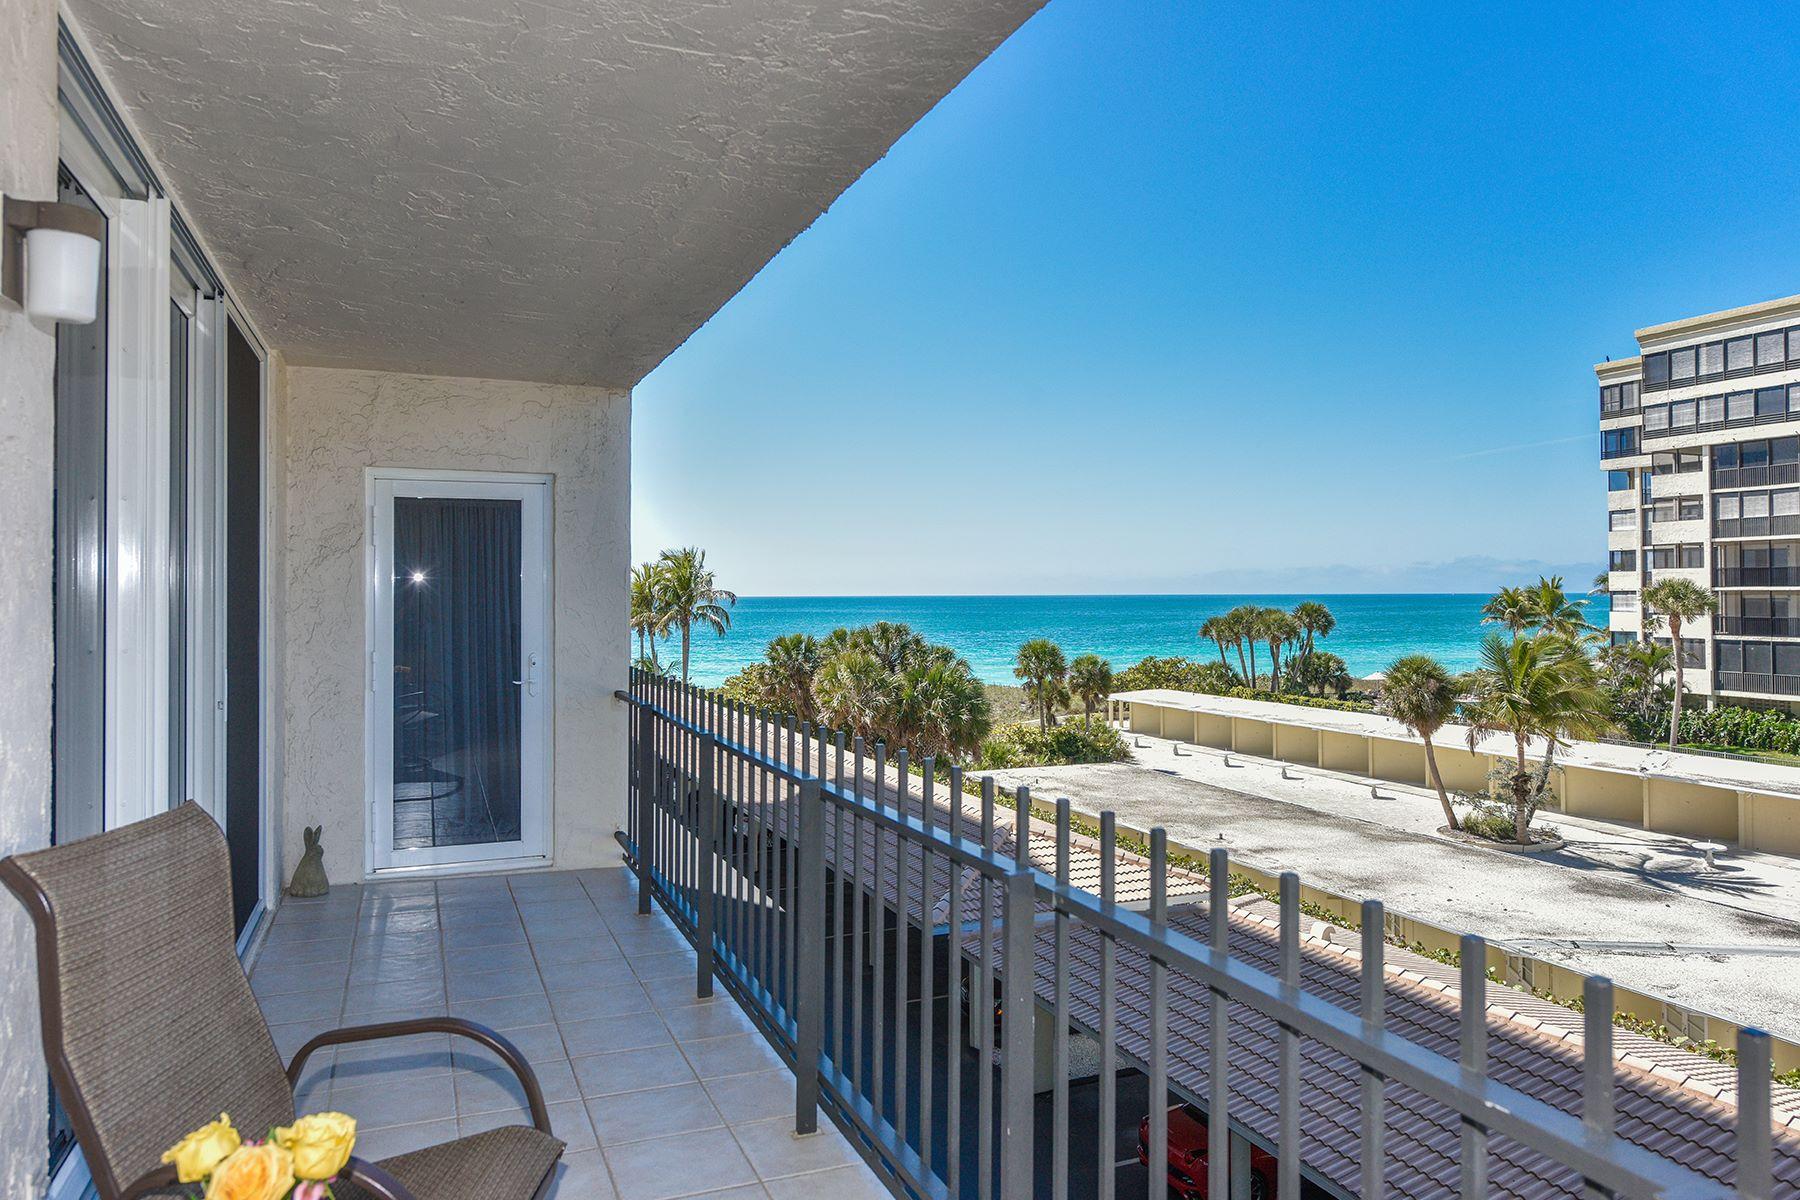 콘도미니엄 용 매매 에 LIDO BEACH 1212 Benjamin Franklin Dr 308, Sarasota, 플로리다, 34236 미국